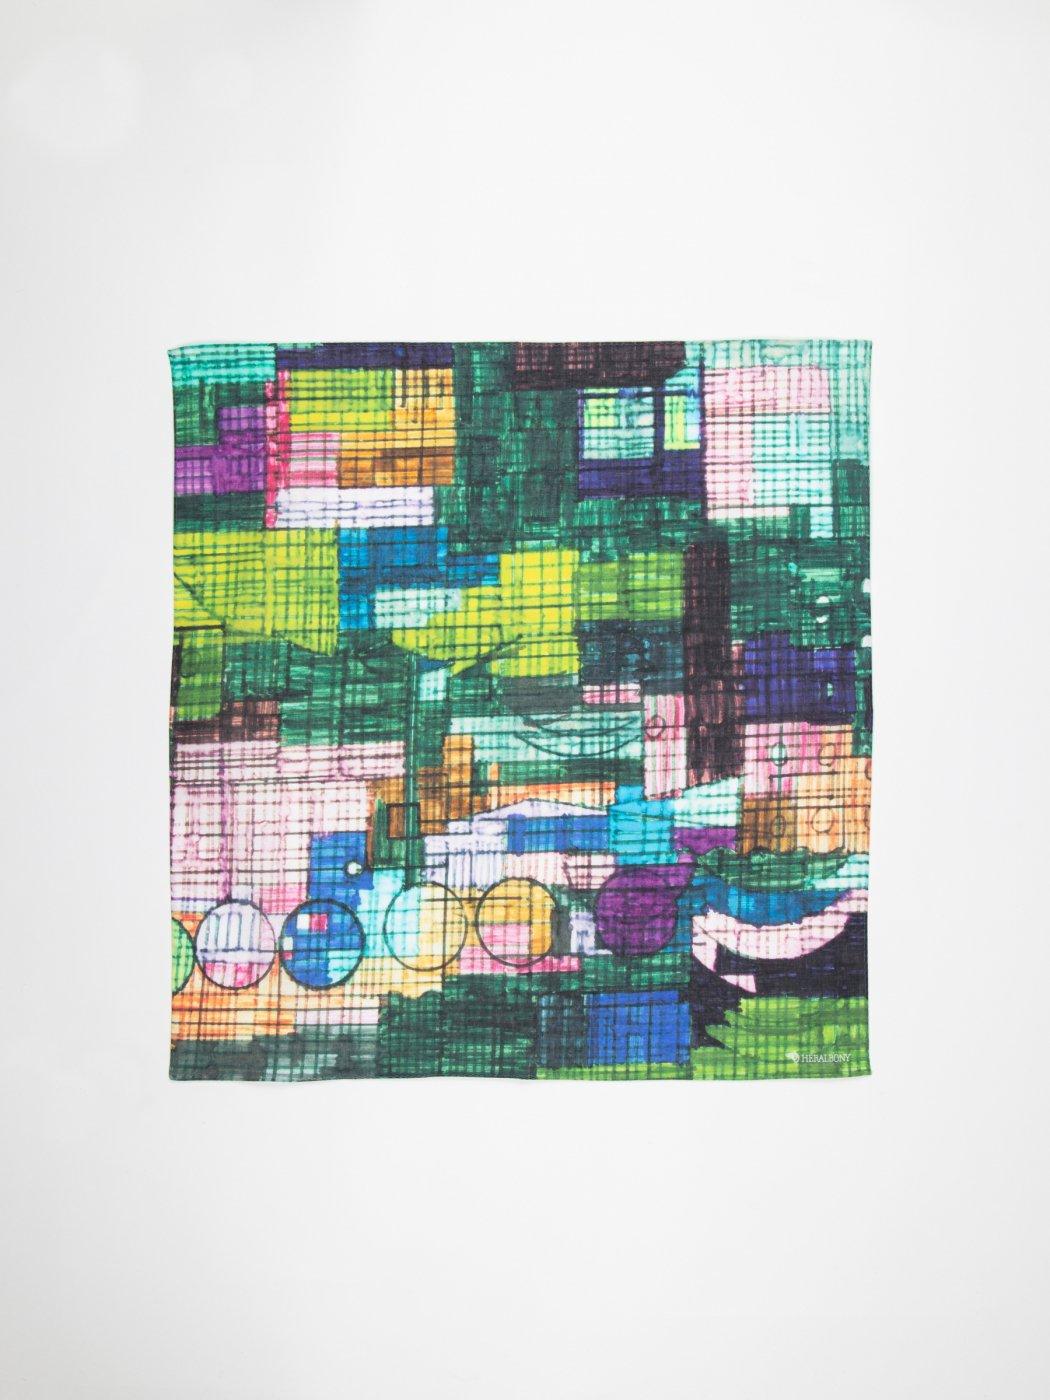 HERALBONY -ART HANDKERCHIEF-Kiyoshi Yaegashi-NO TITLE(CAR)-